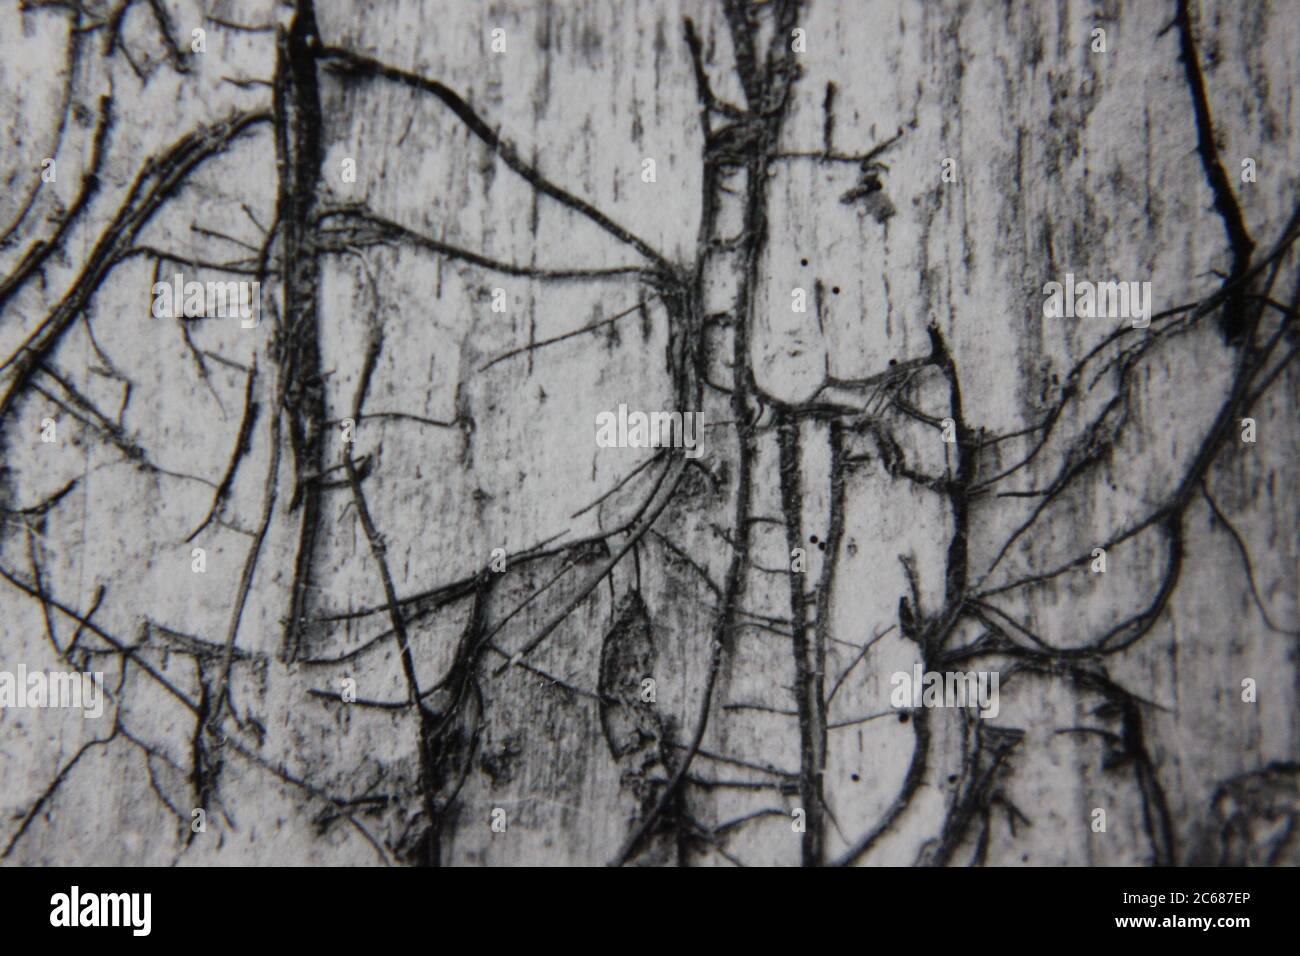 Fotografía de estilo de vida en blanco y negro de la época de los 70 de un patrón natural se convirtió en una idea y noción abstractas. Foto de stock